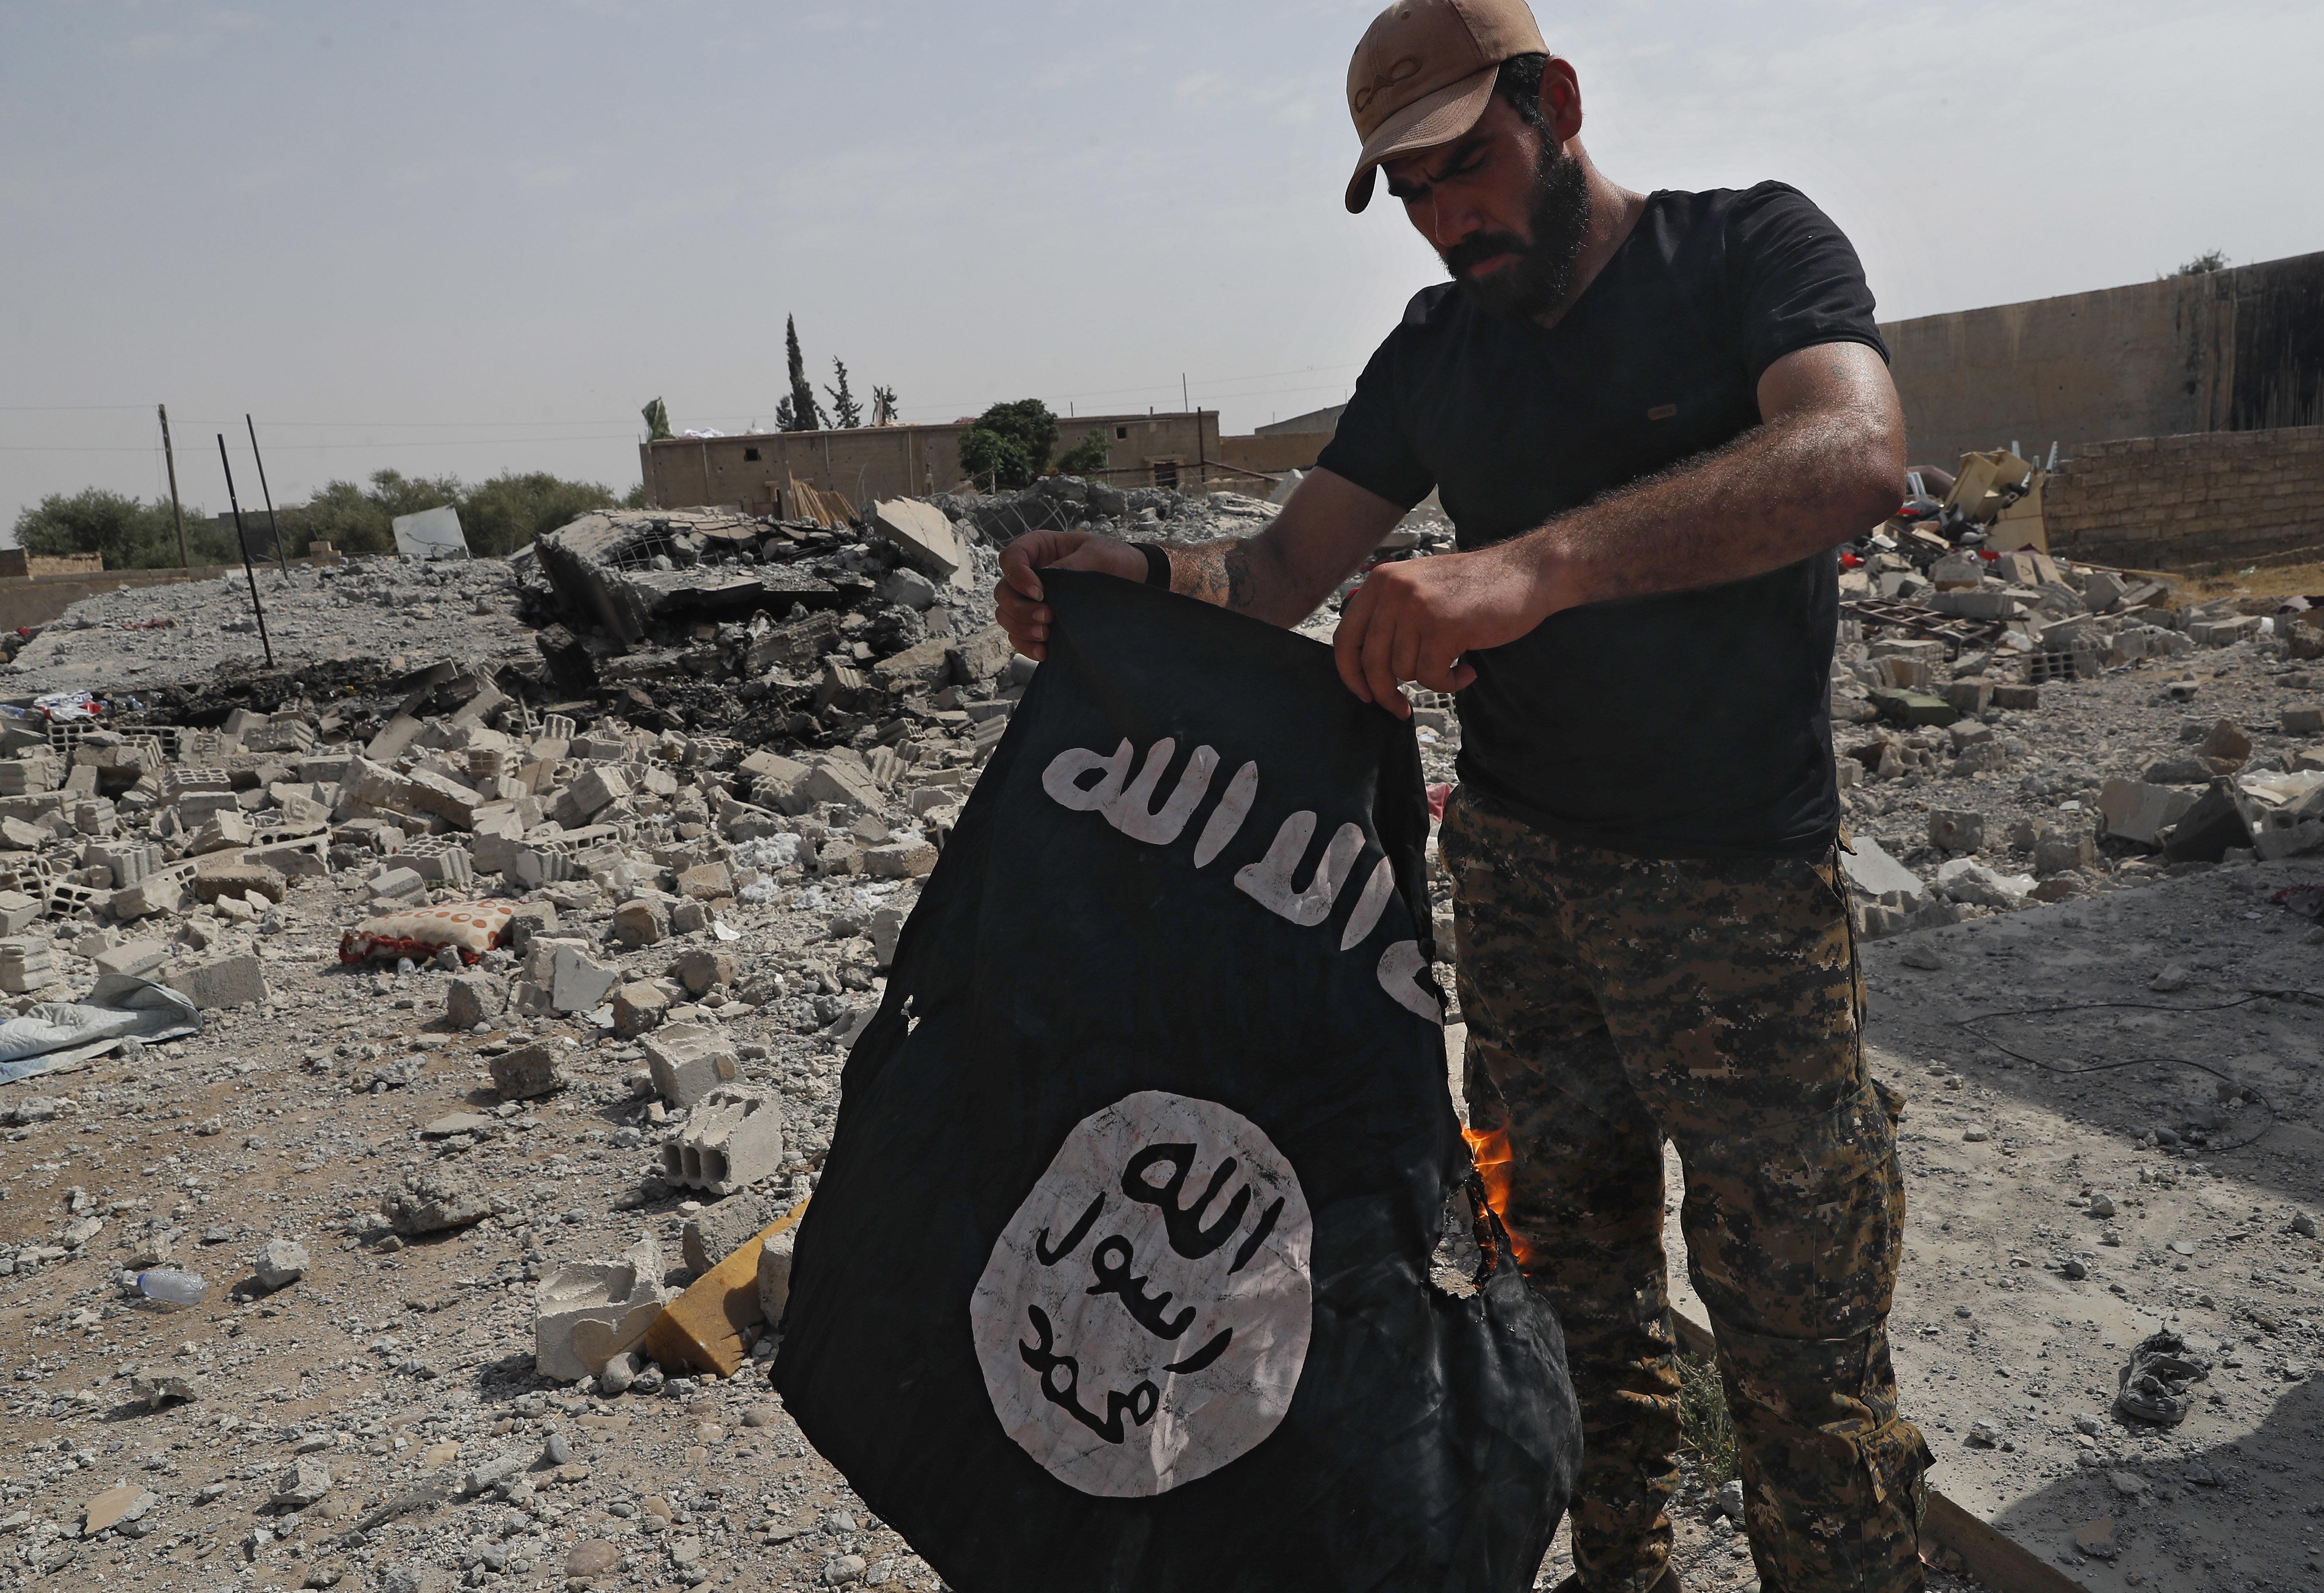 Αναφορές πως το Ισλαμικό Κράτος εκτέλεσε 700